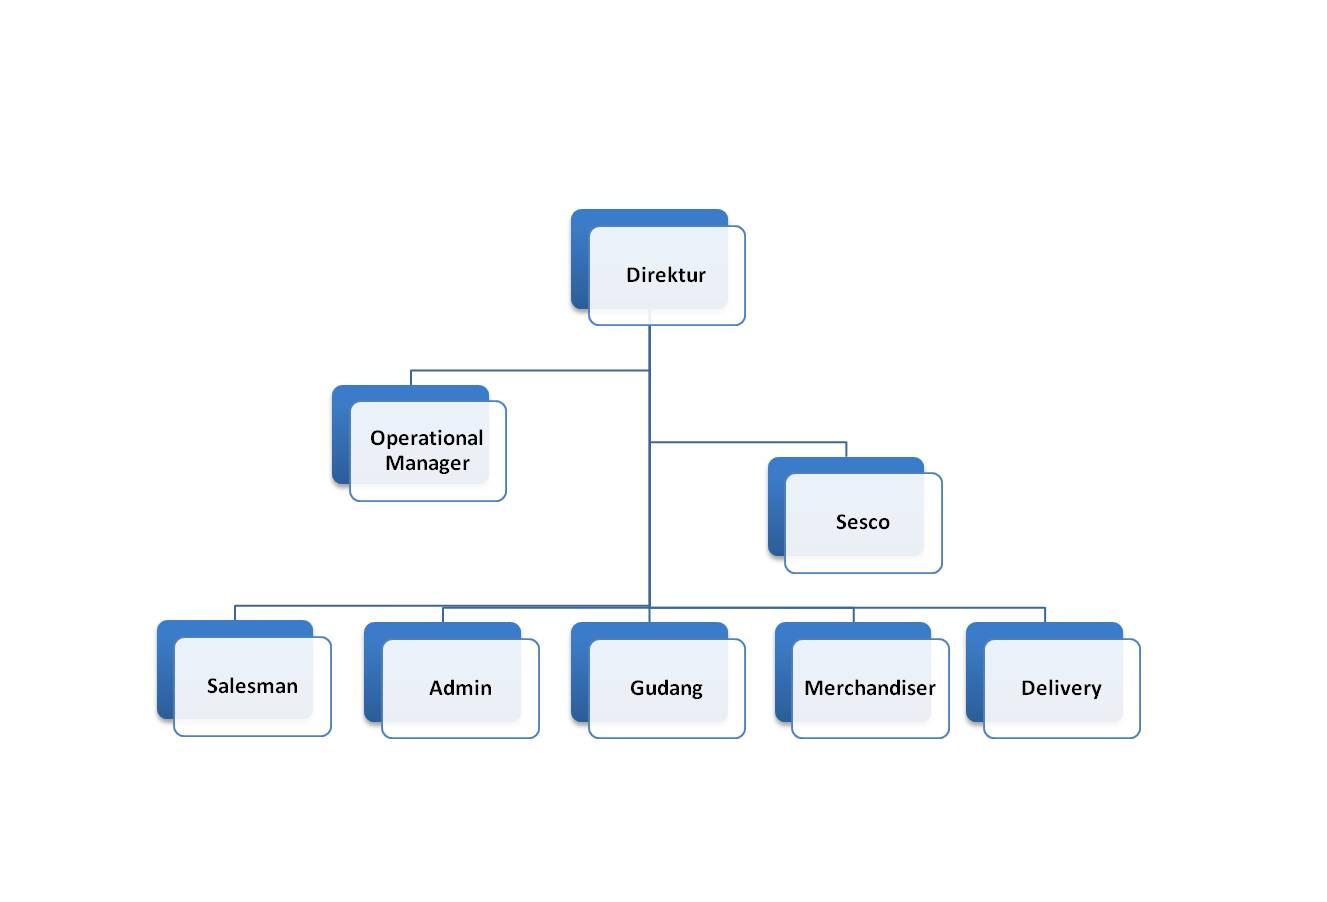 Contoh Gambar Seri Contoh Proposal Pkm Kewirausahaan Slideshare Dari Strukturdiatas Dapat Dilihat Ada Beberapa Element Yang Membentuk